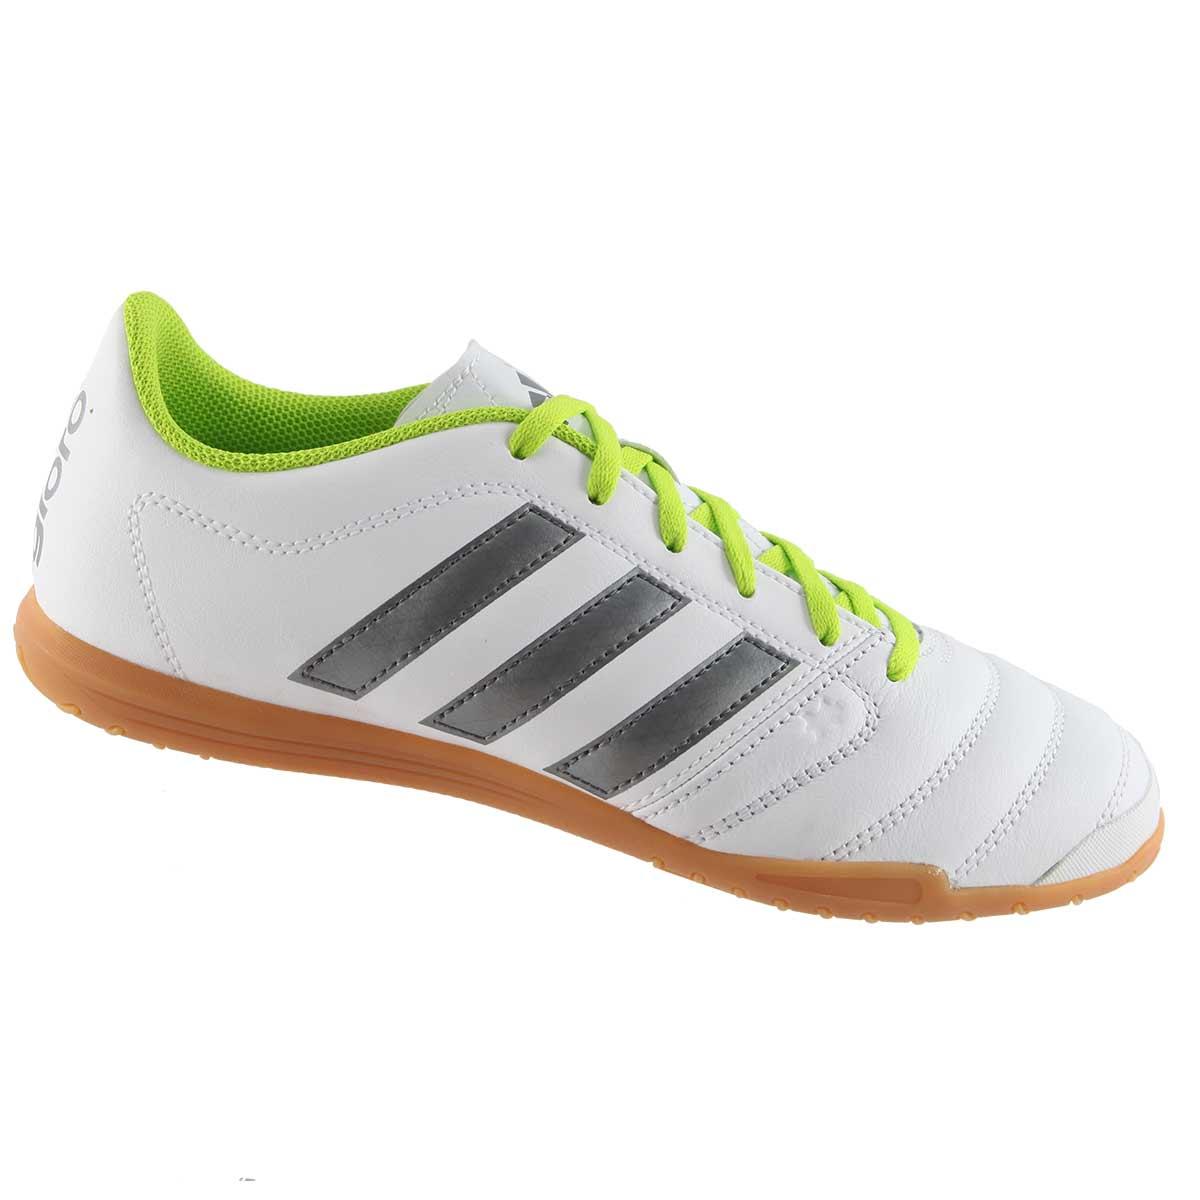 Chuteira Adidas Gloro 16.2 IN Futsal AQ6667